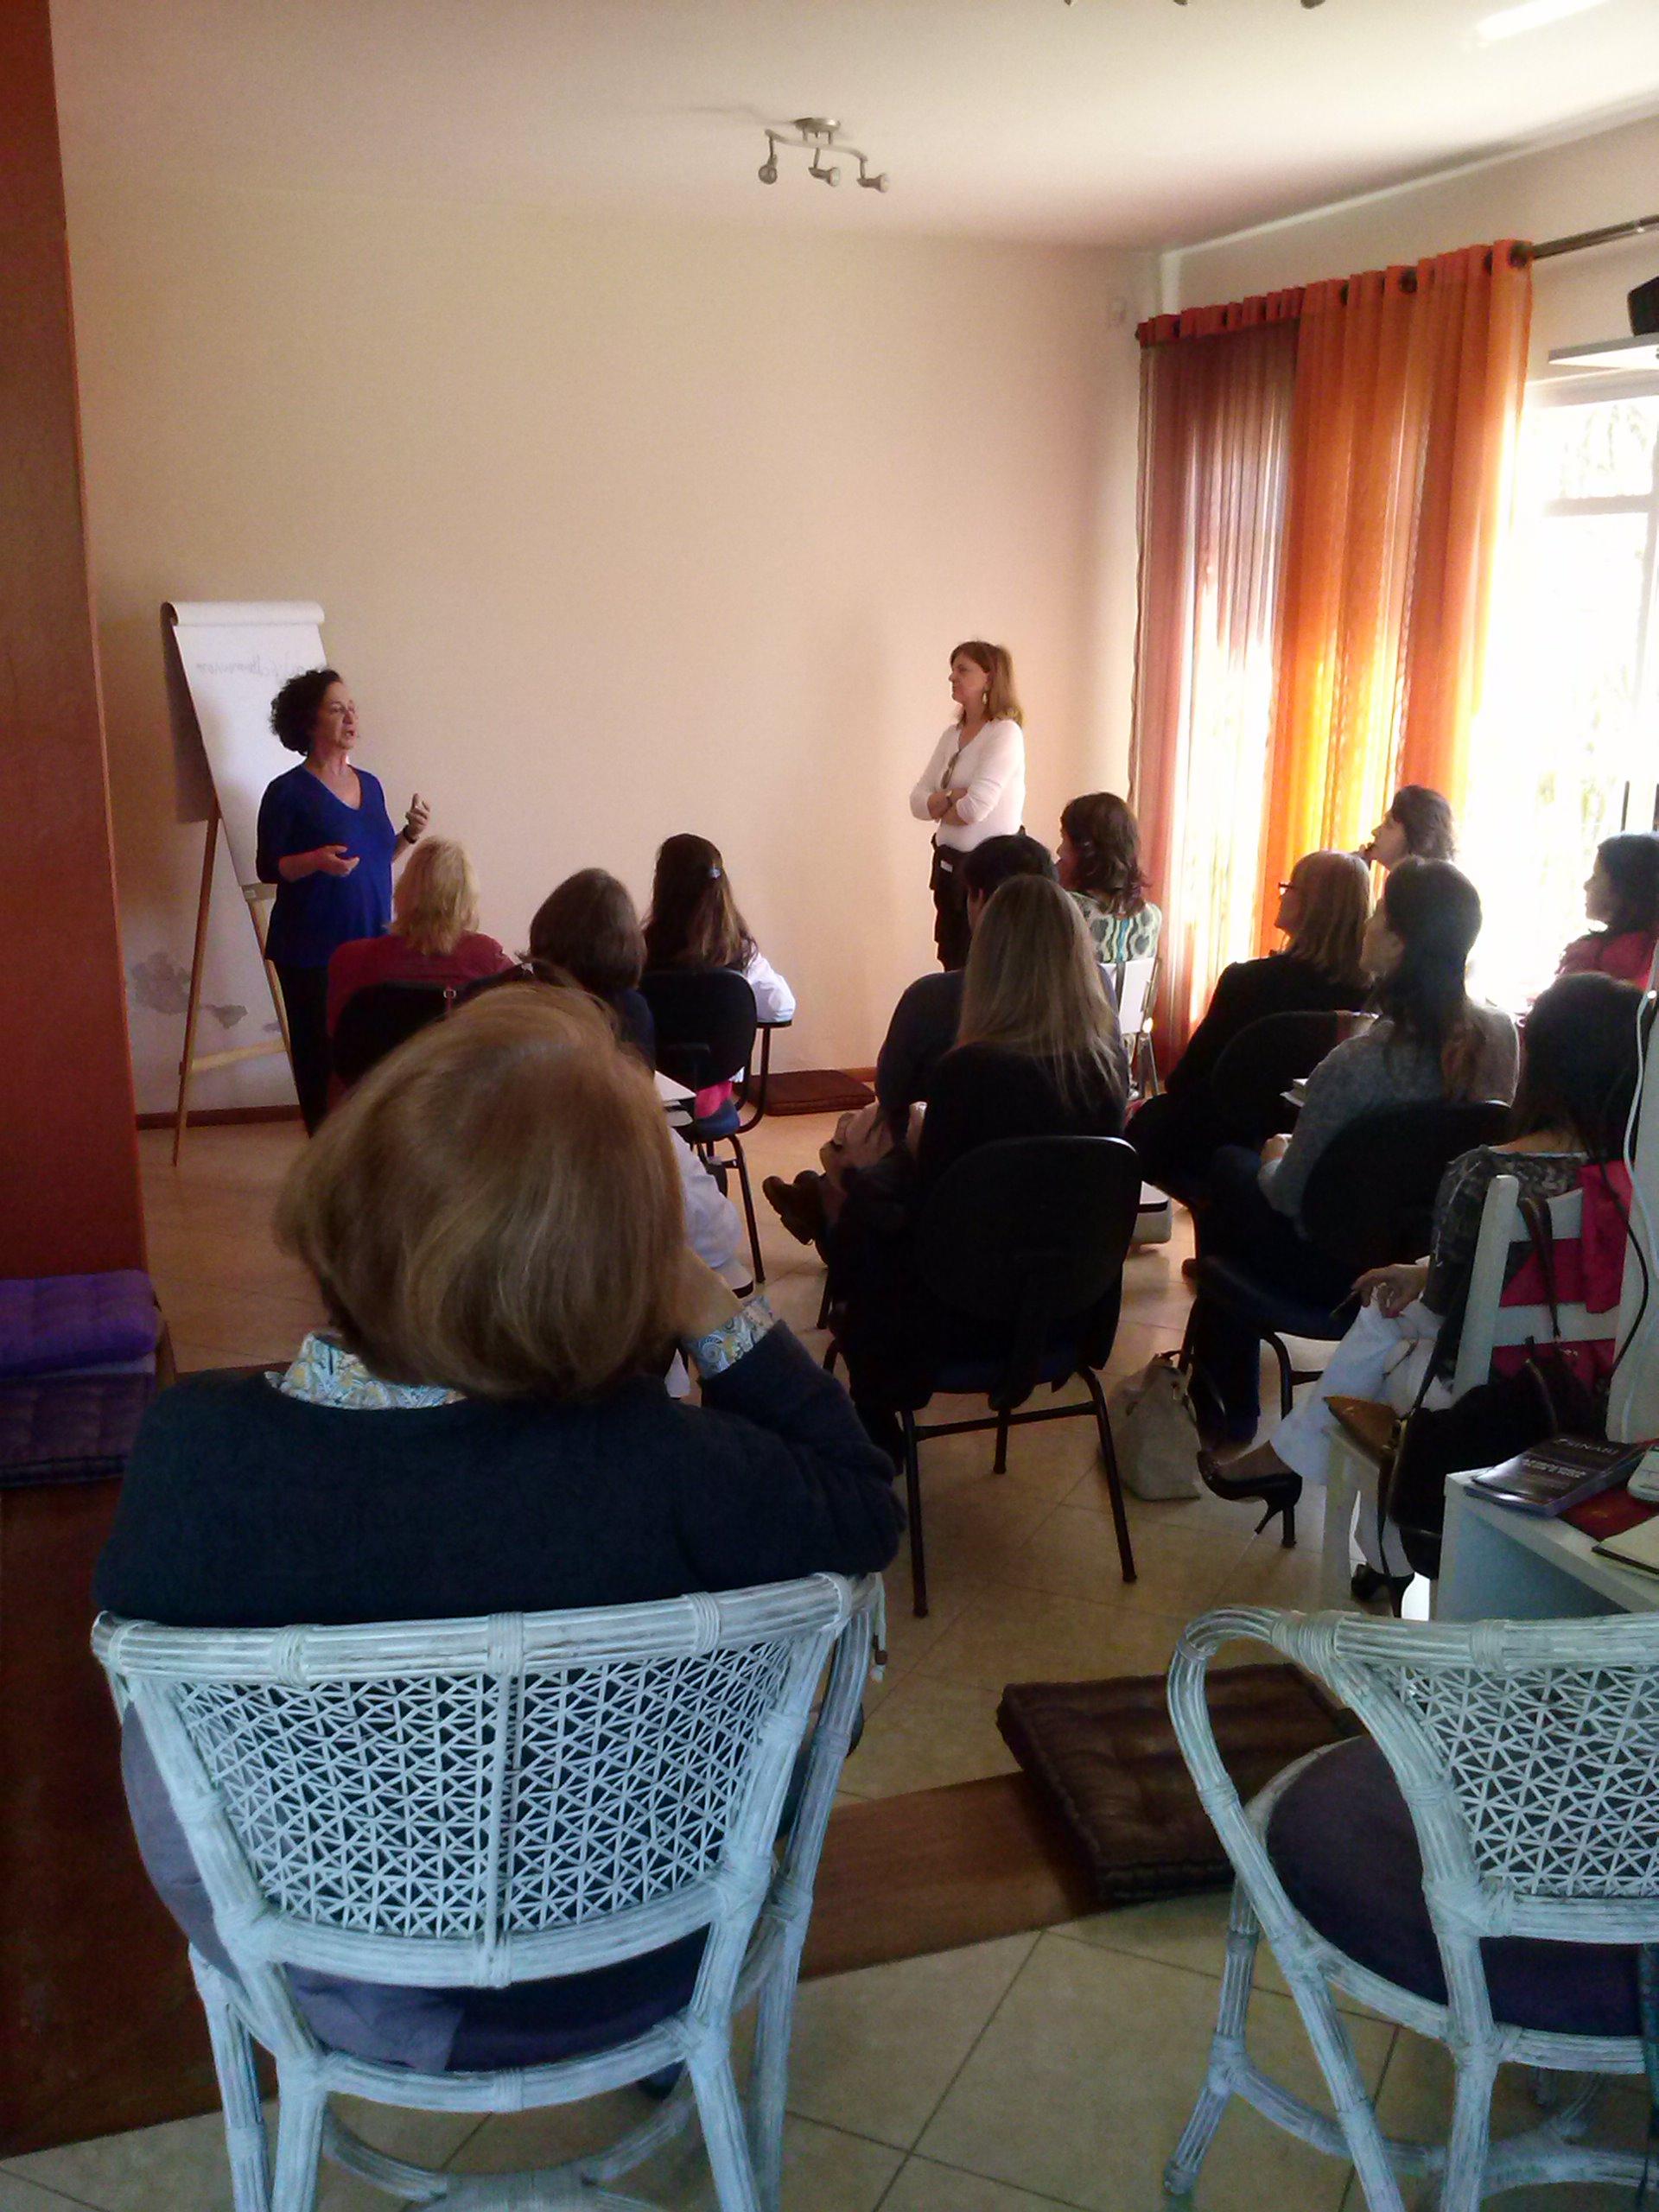 curso Marcia Mattos 2 ago14.jpg